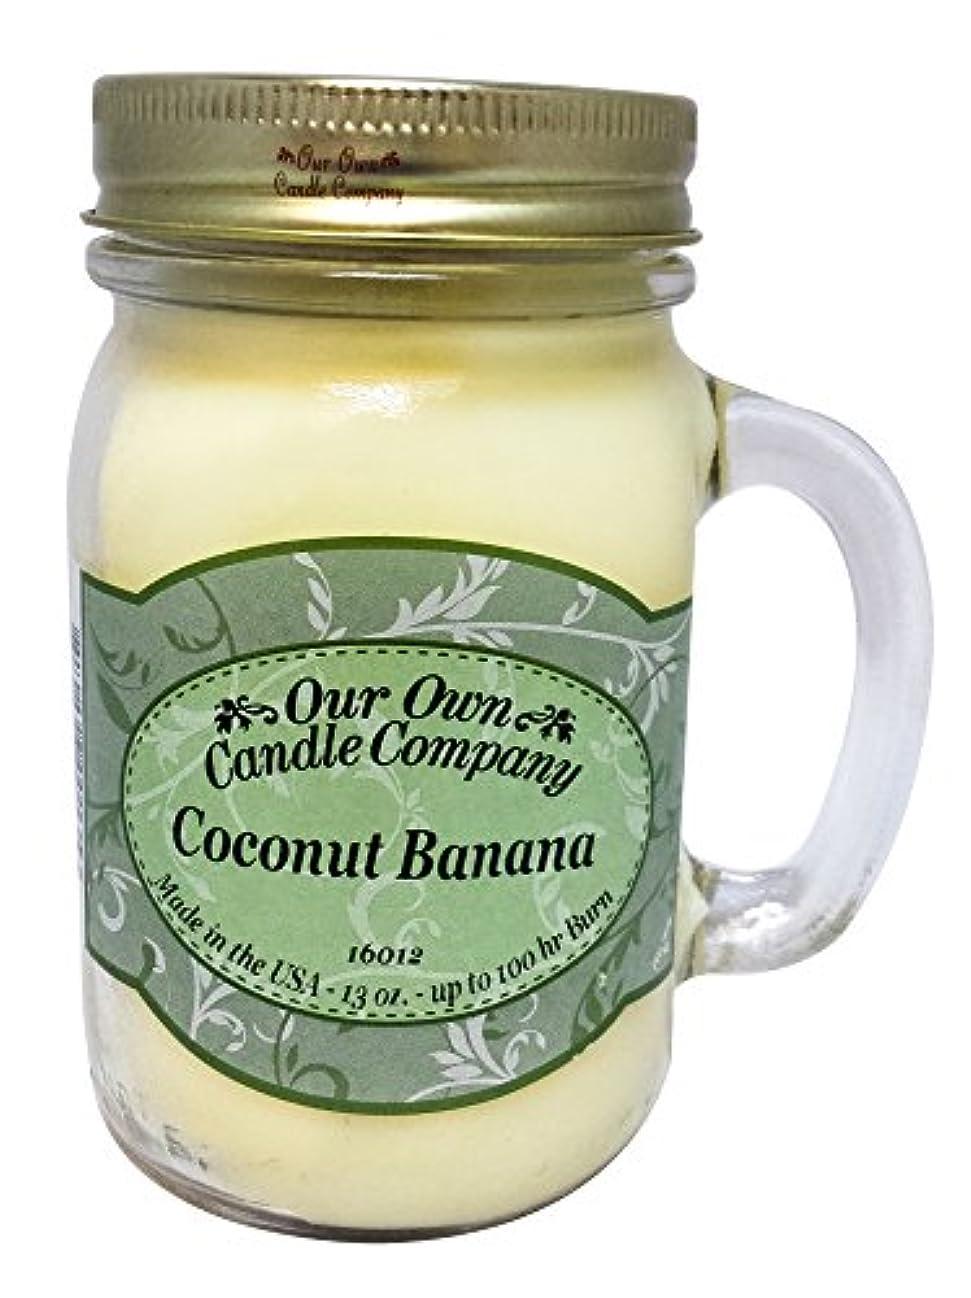 伝統的部族集めるアロマキャンドル メイソンジャー ココナッツバナナ ビッグ Our Own Candle Company Coconut Banana big 日本未発売フレグランス